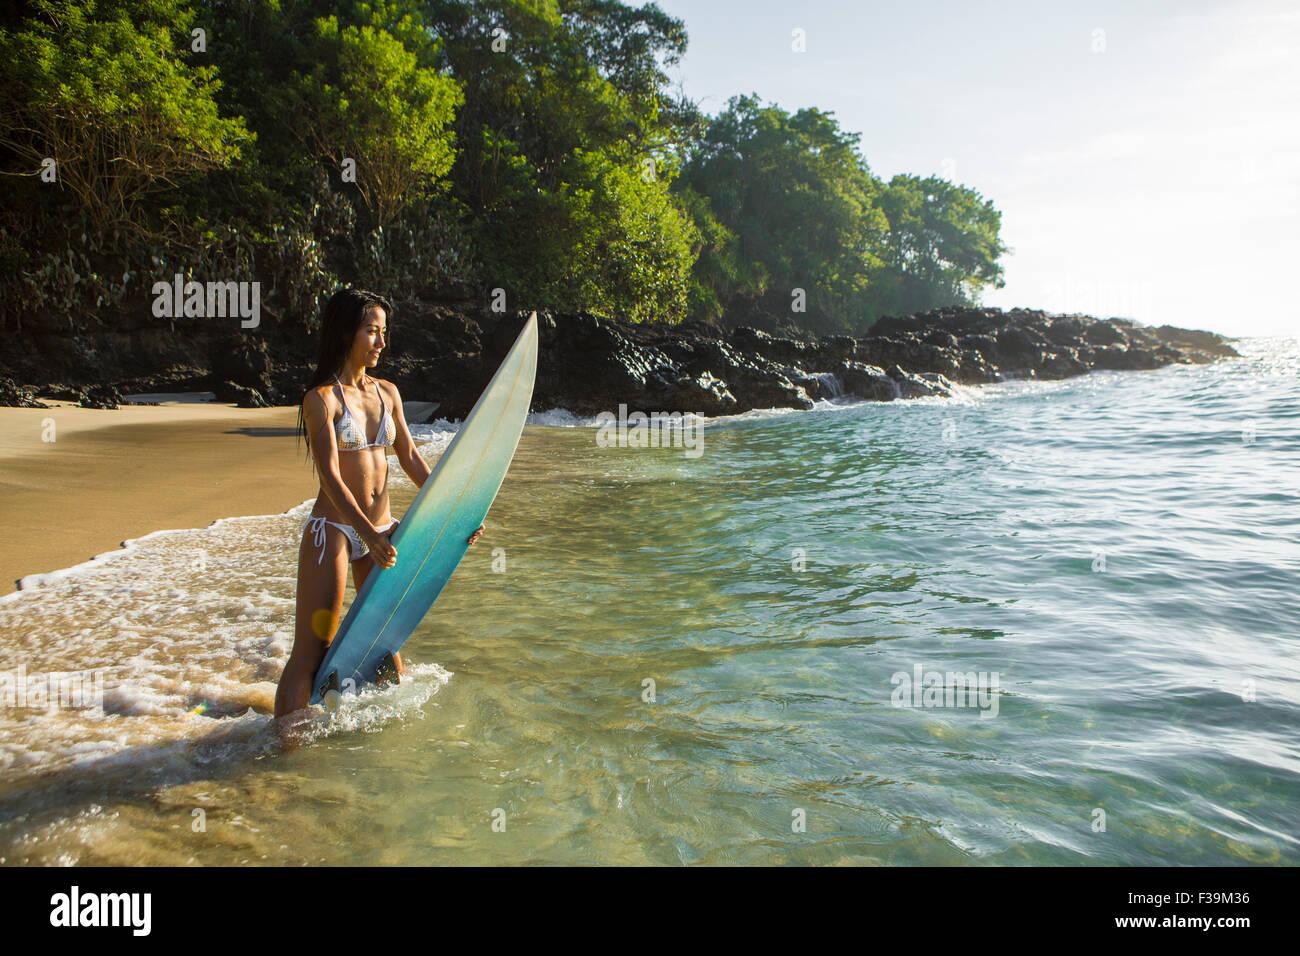 Mid adult woman sur la plage debout dans le surf tenant son conseil, Bali, Indonésie Photo Stock